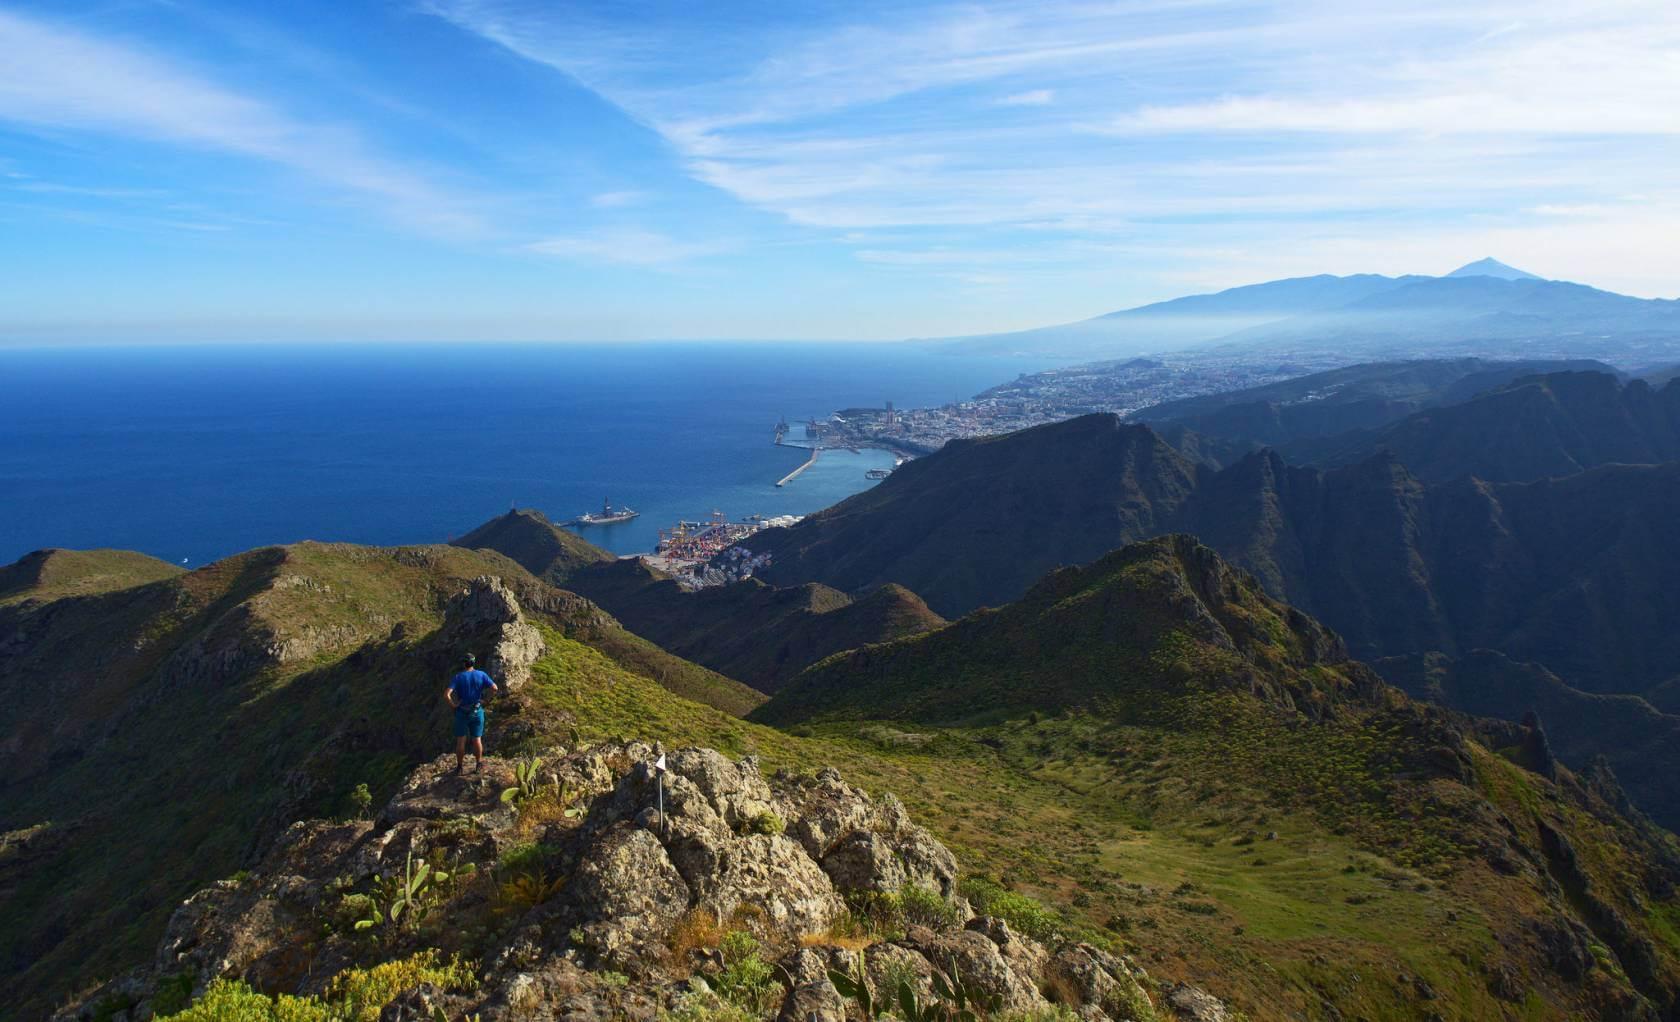 11 cosas que visitar en Tenerife. Bahía de santa cruz de tenerife